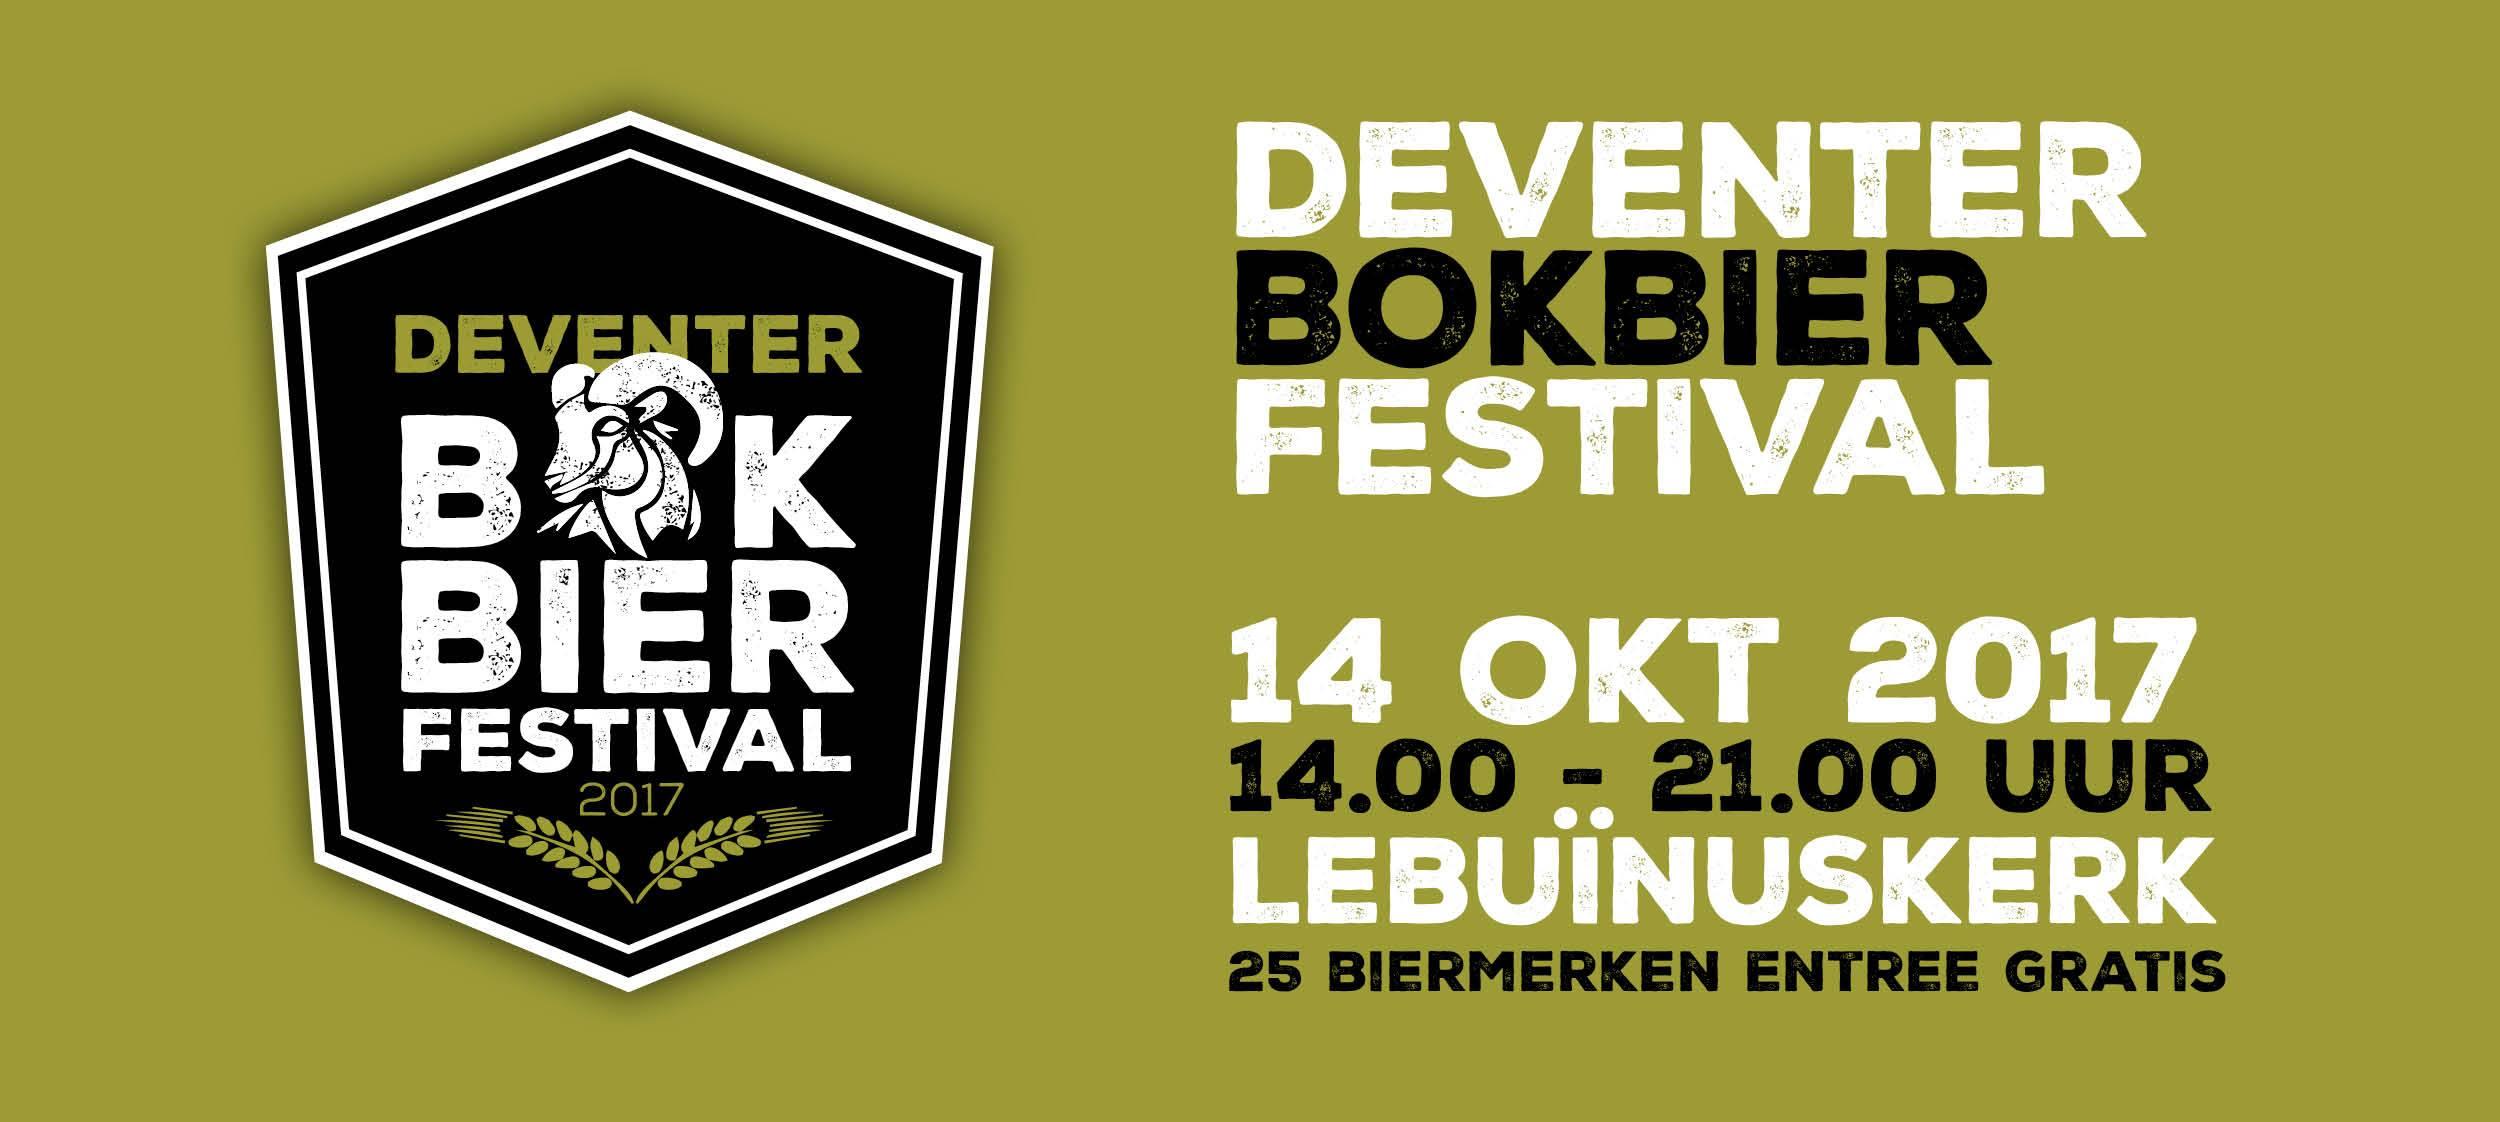 Deventer Bokbier Festival